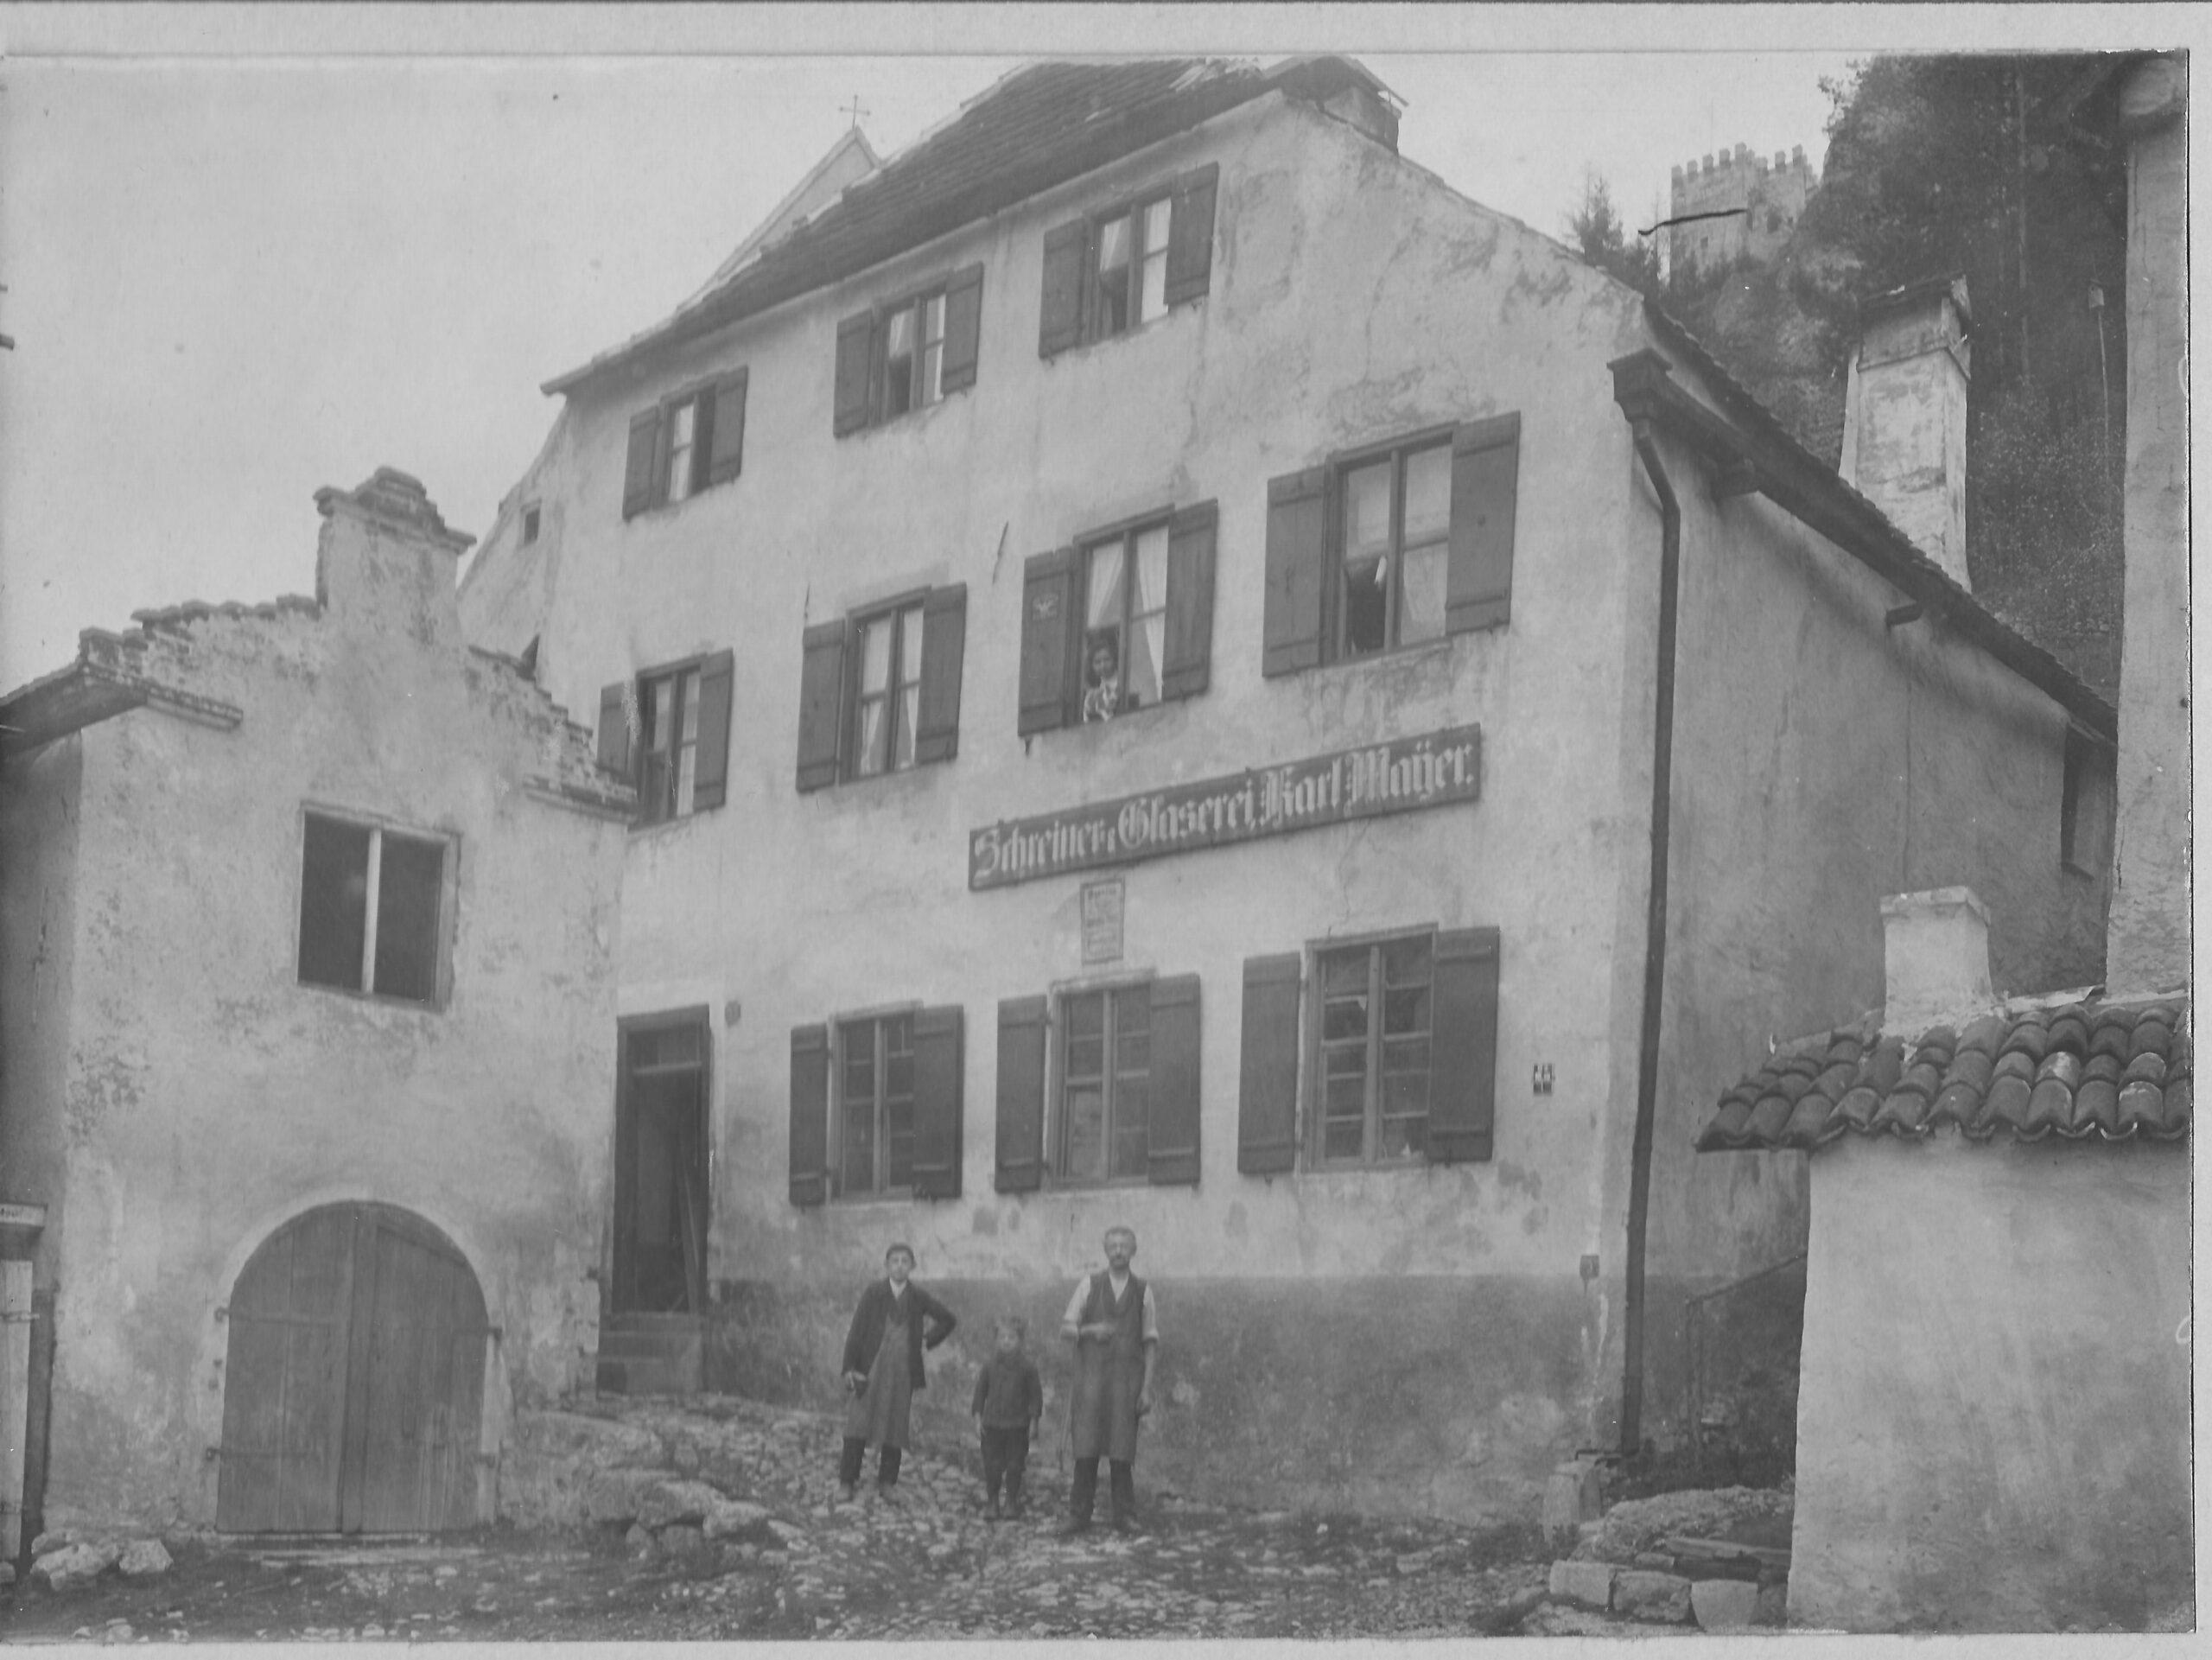 7 Mayer Schreinerei 1910 - Eiskeller